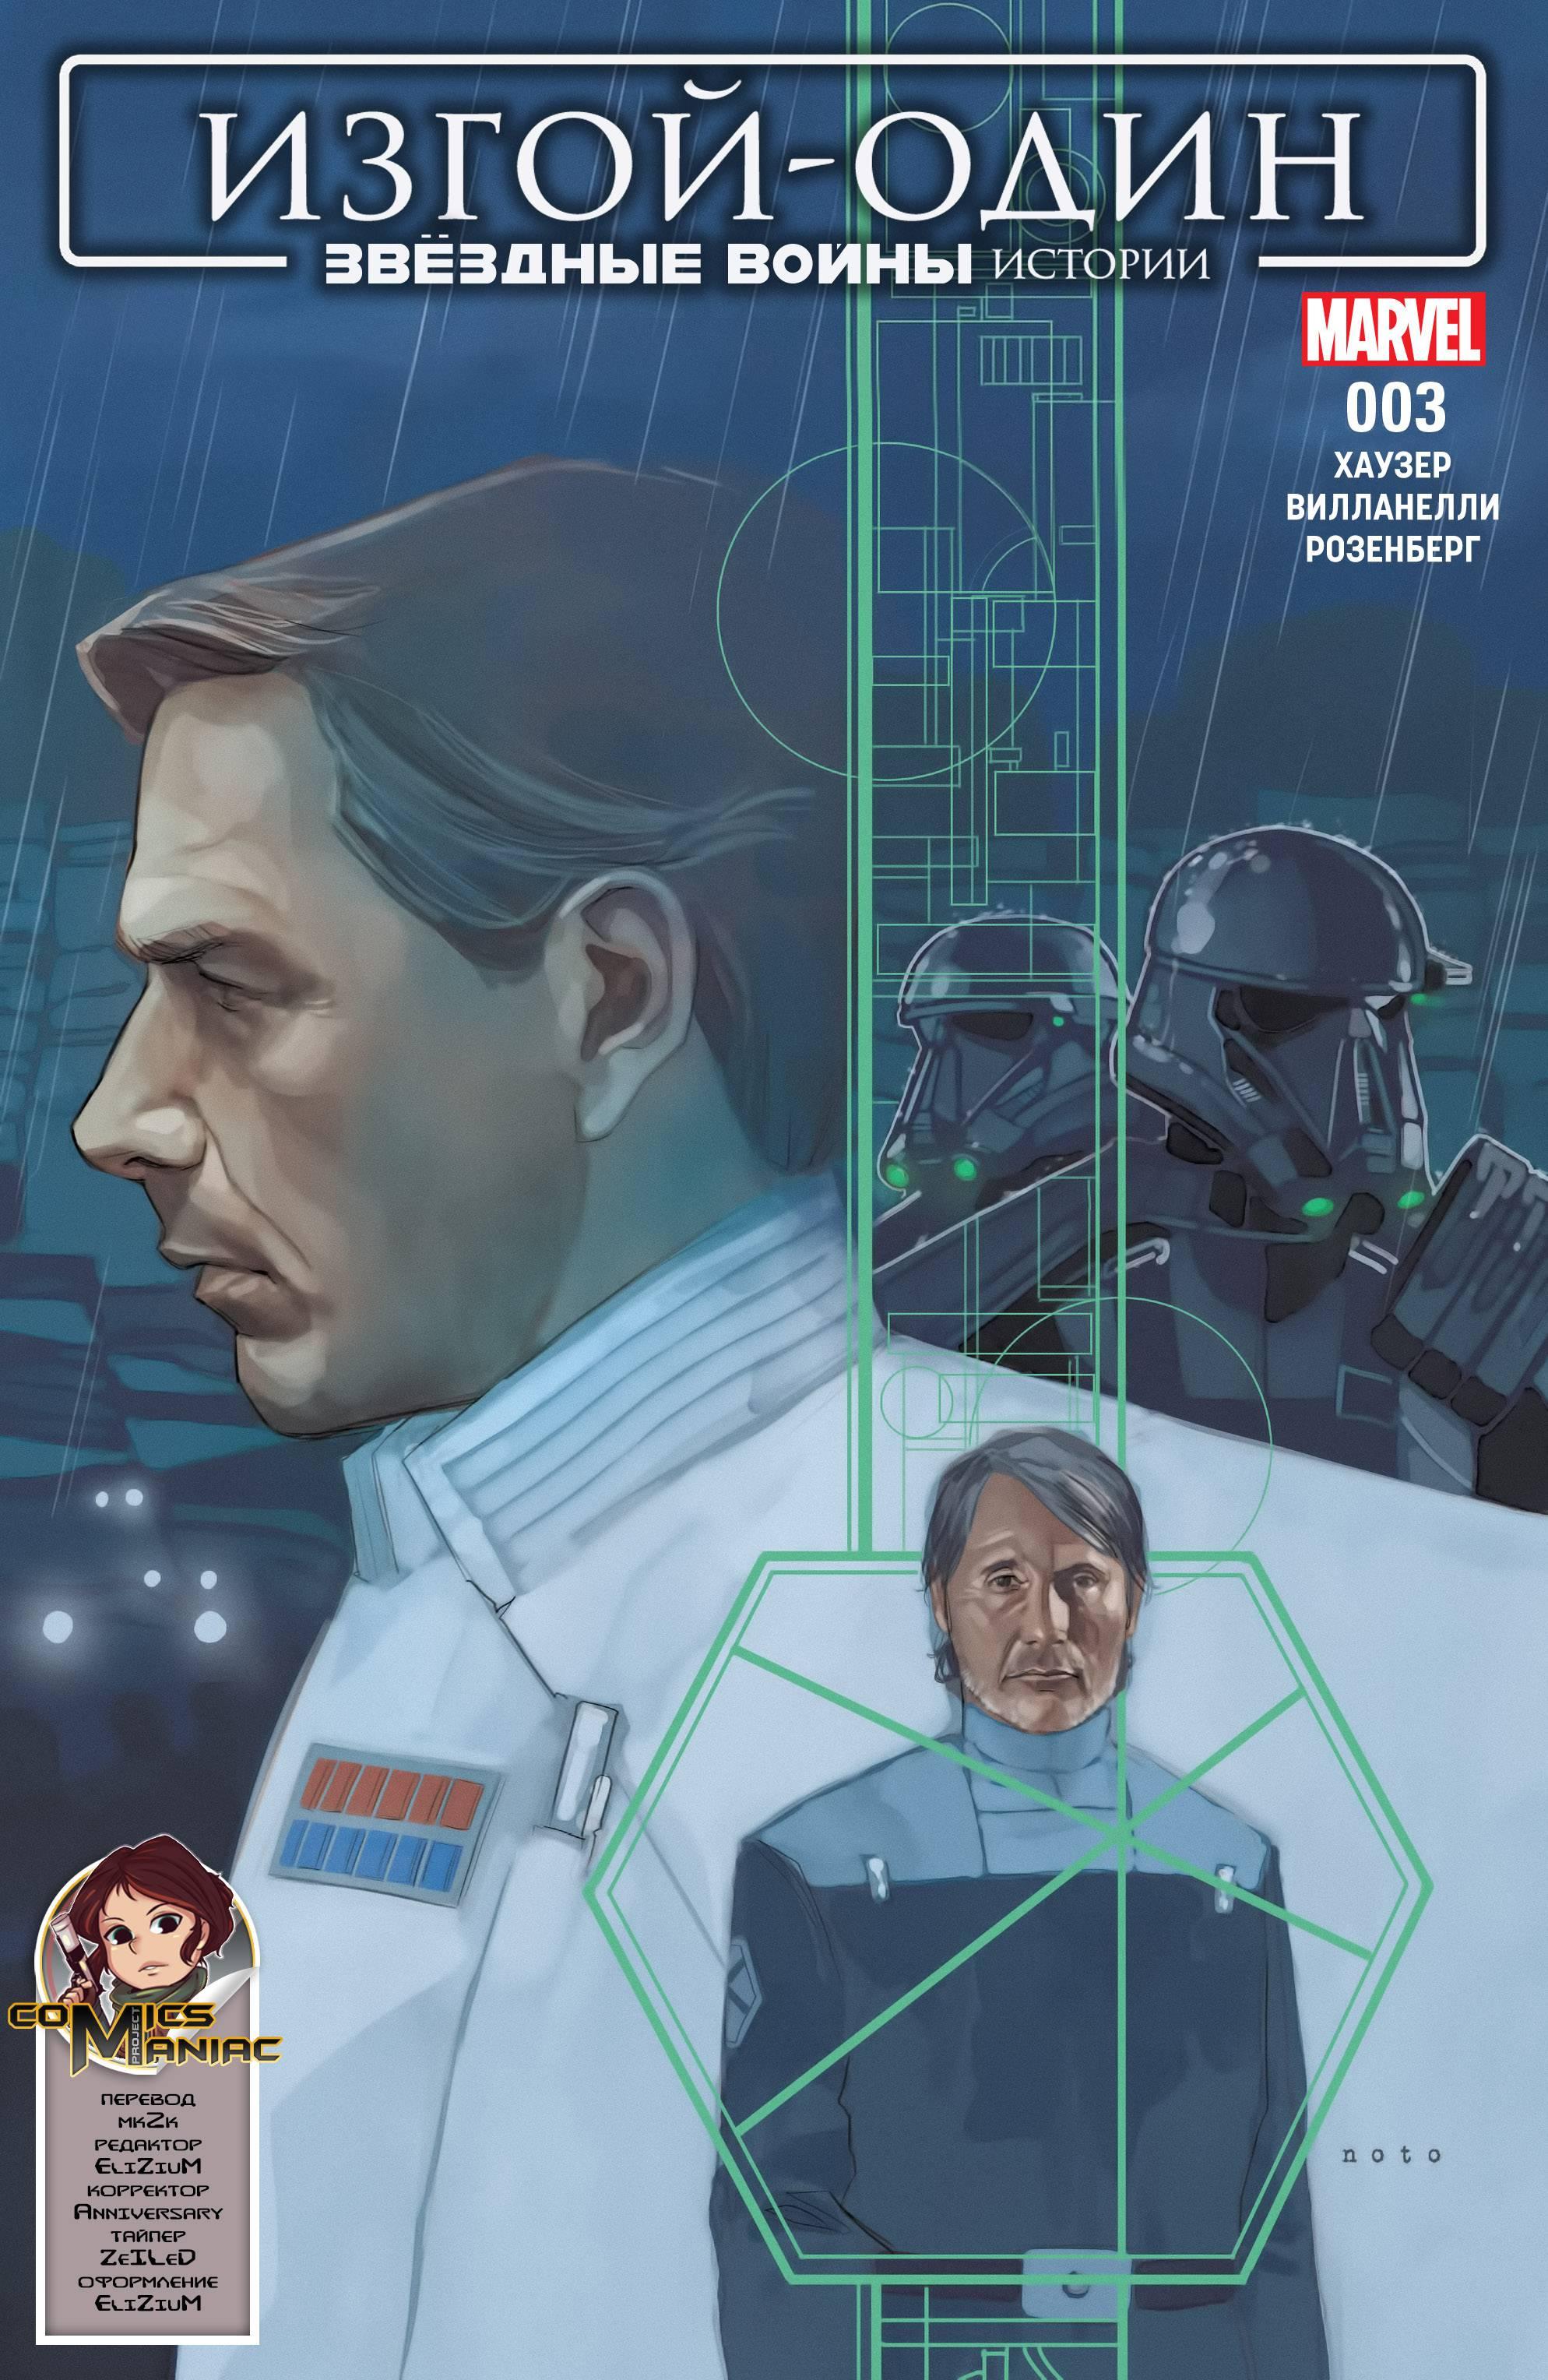 Звездные Войны: Изгой-Один. Адаптация Фильма №3 онлайн